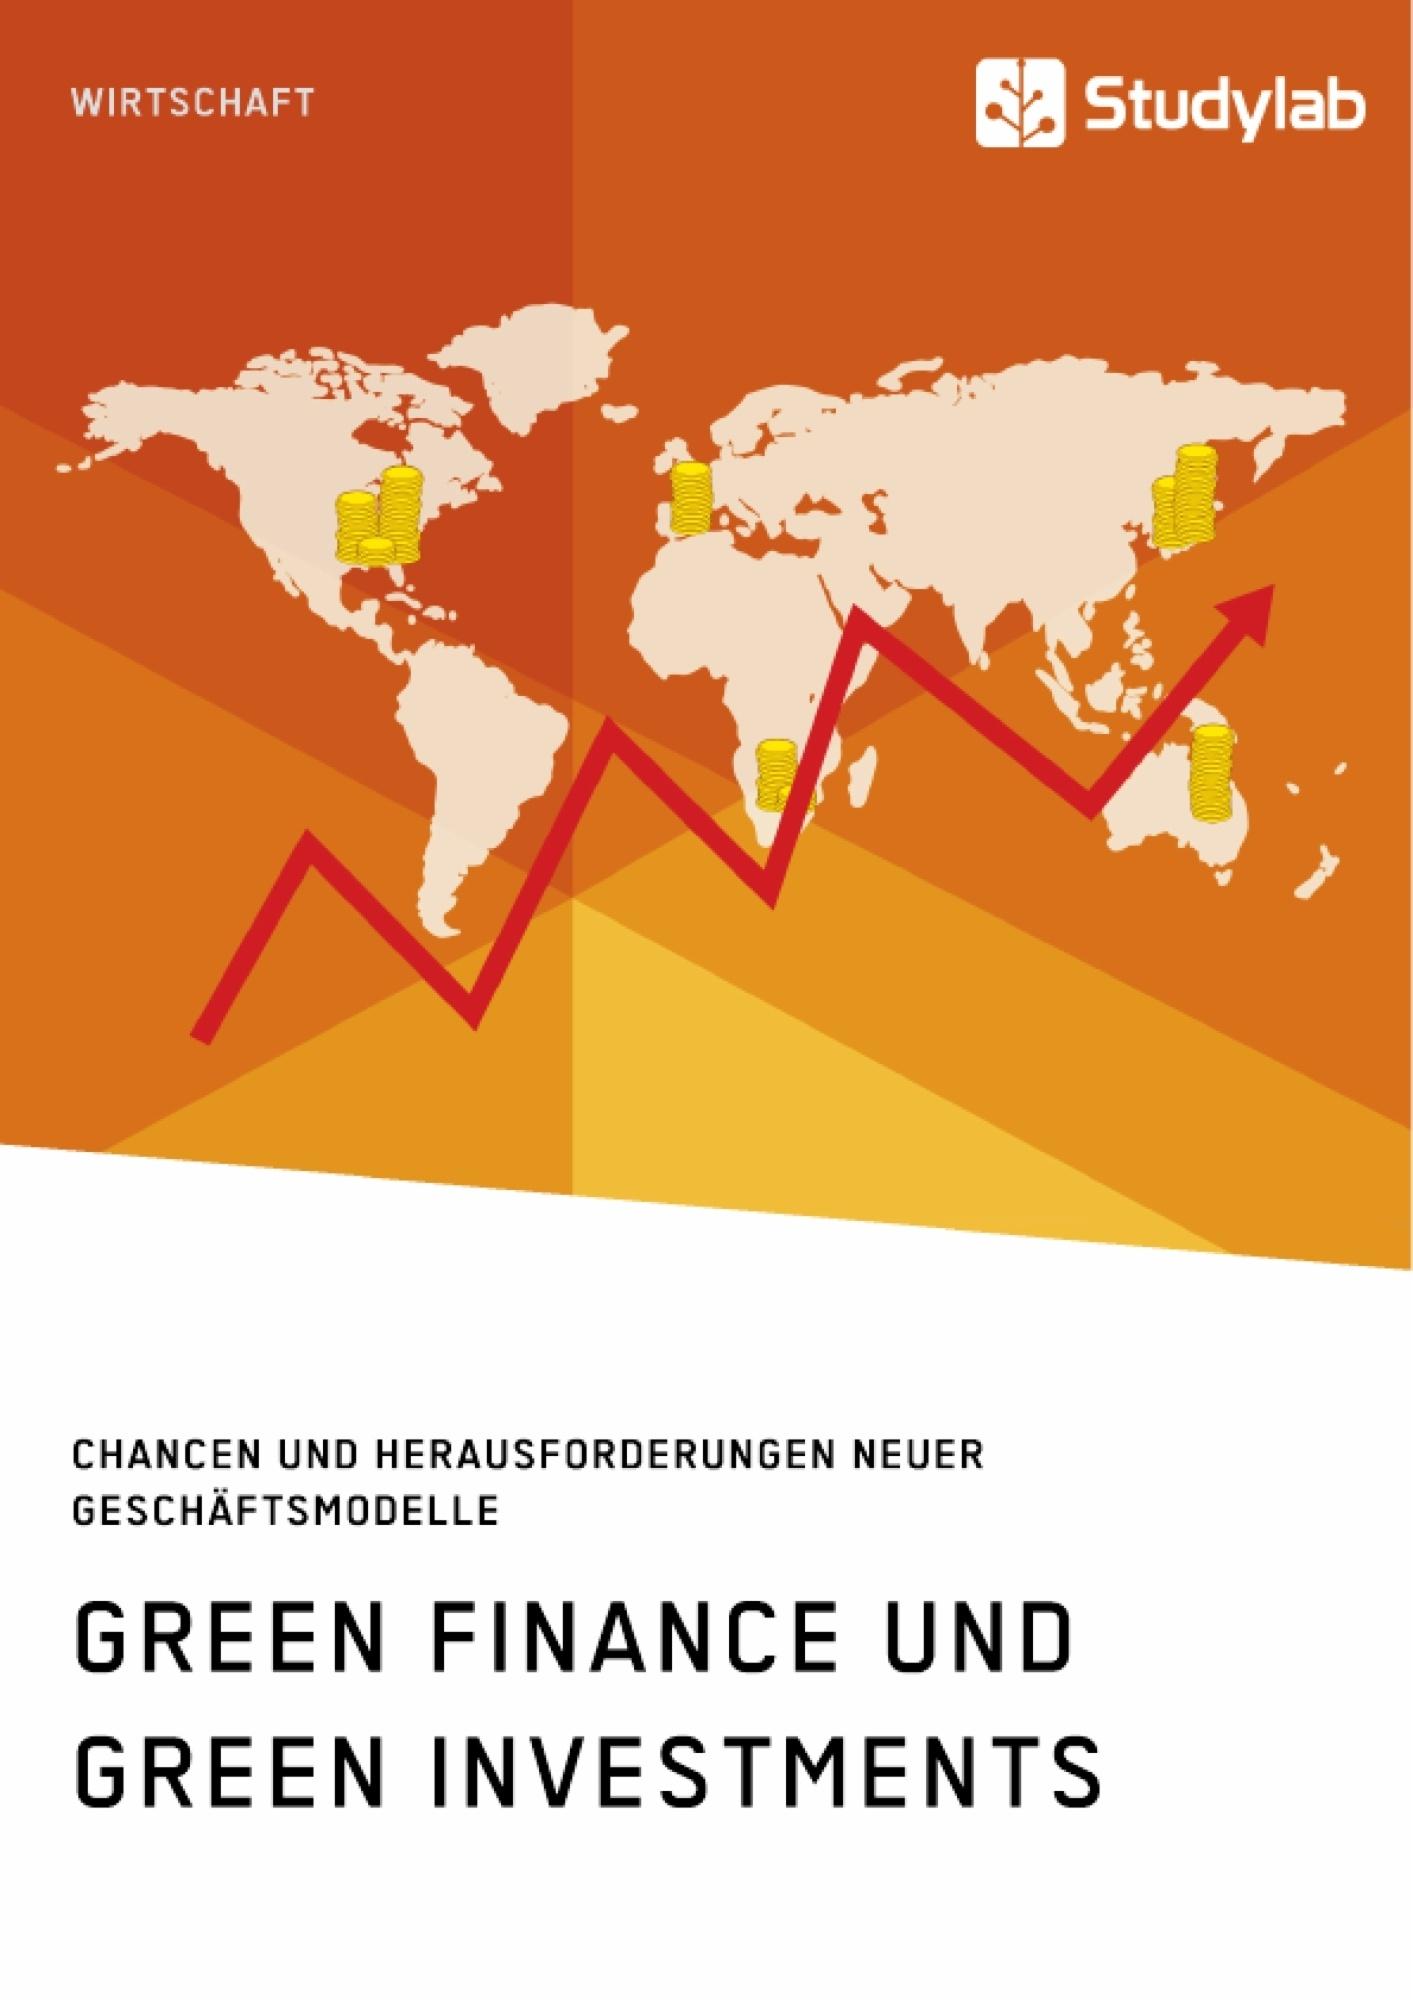 Titel: Green Finance und Green Investments. Chancen und Herausforderungen neuer Geschäftsmodelle